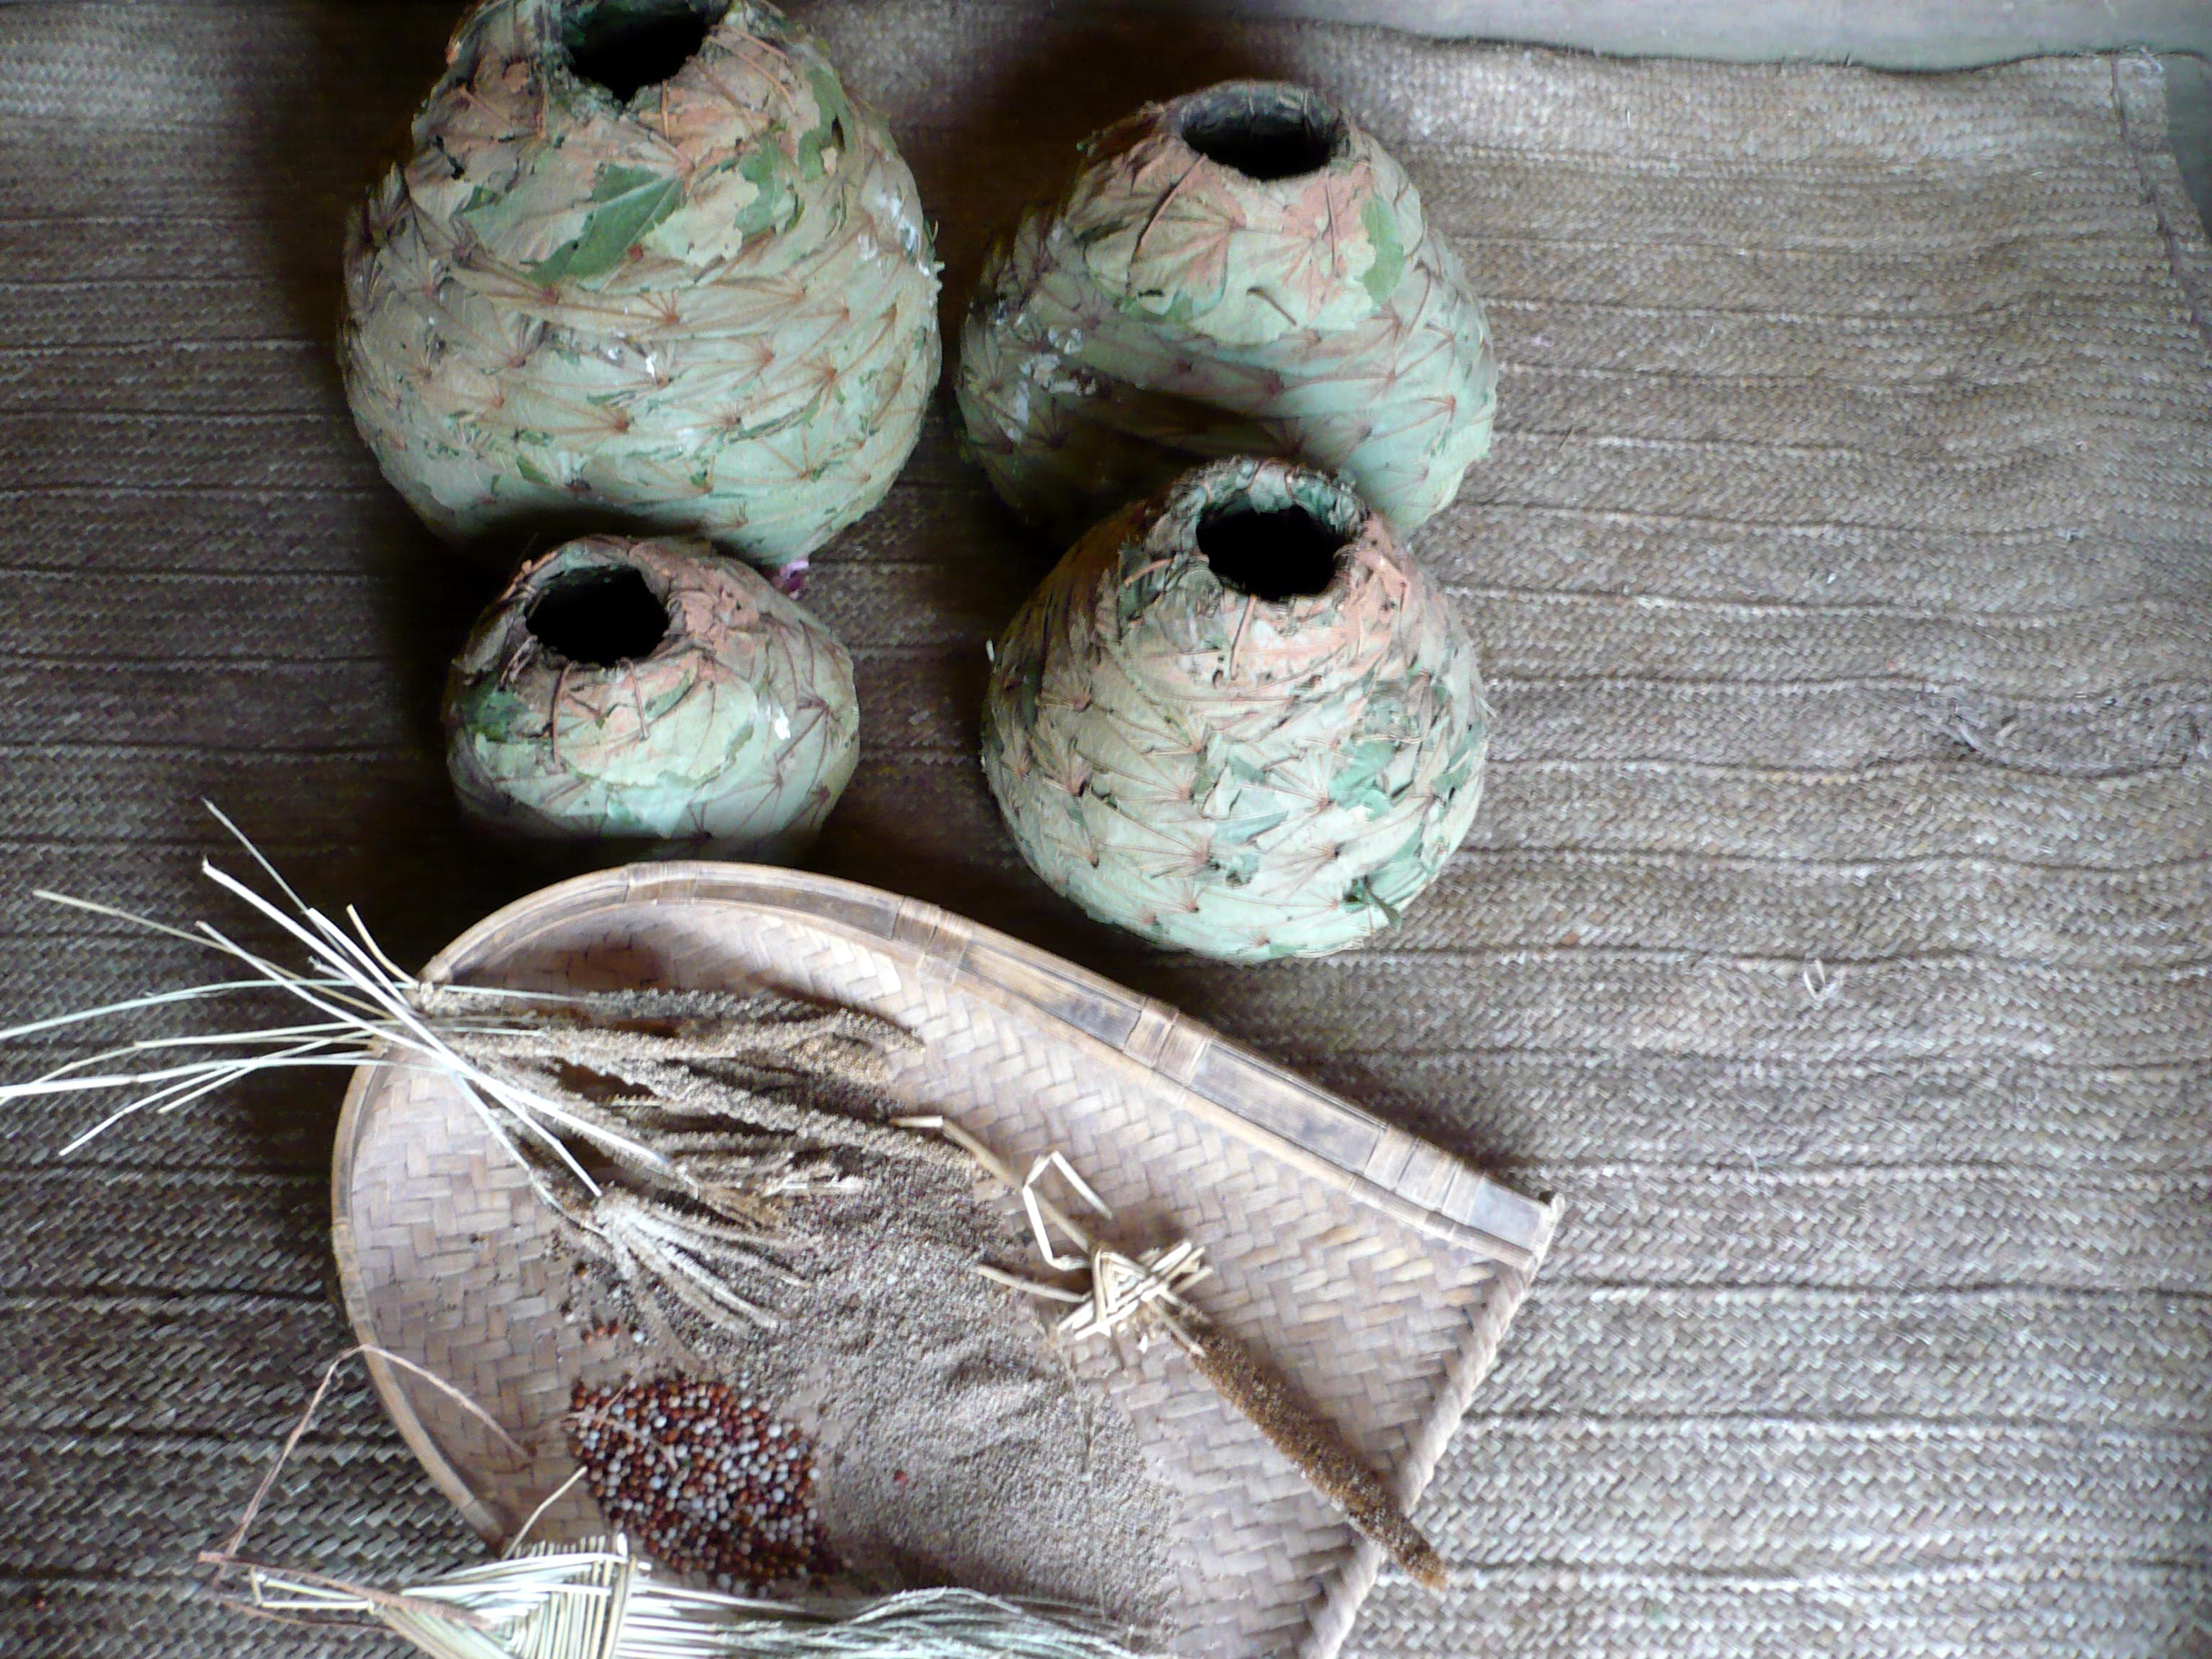 कोरवा आदिवासी की बेंवर खेती